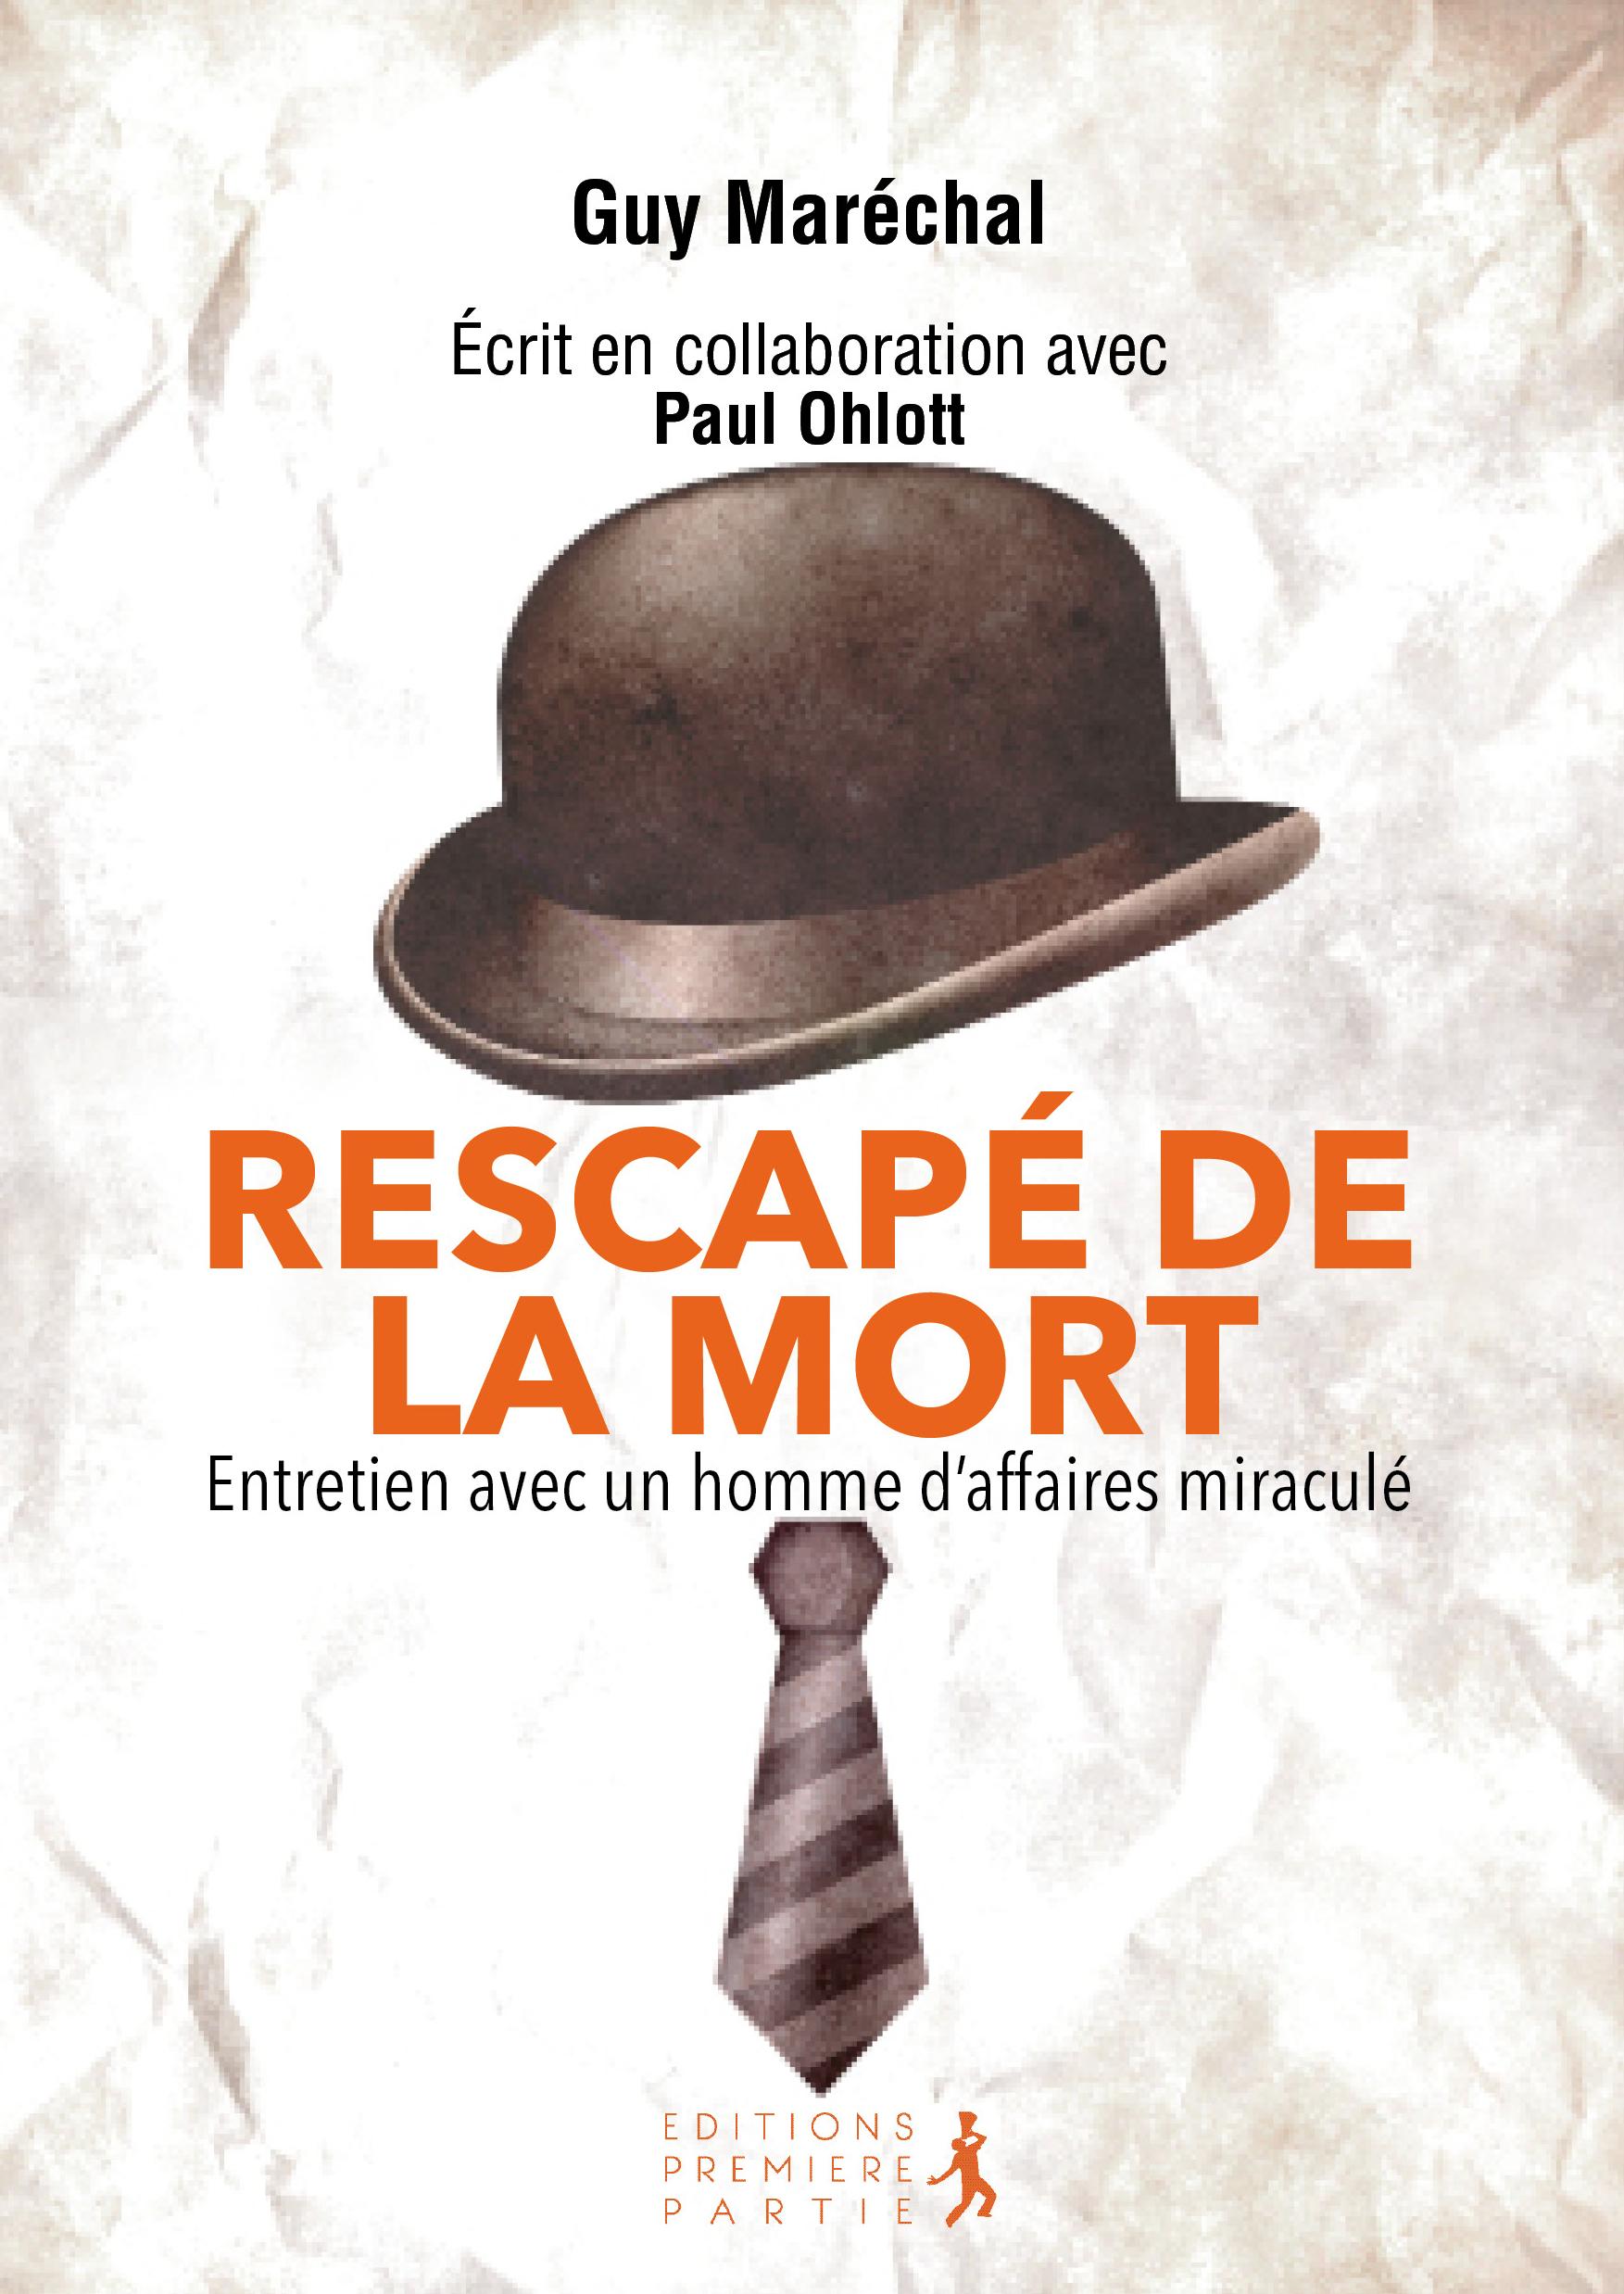 """Guy Maréchal """"Rescapé de la mort"""""""